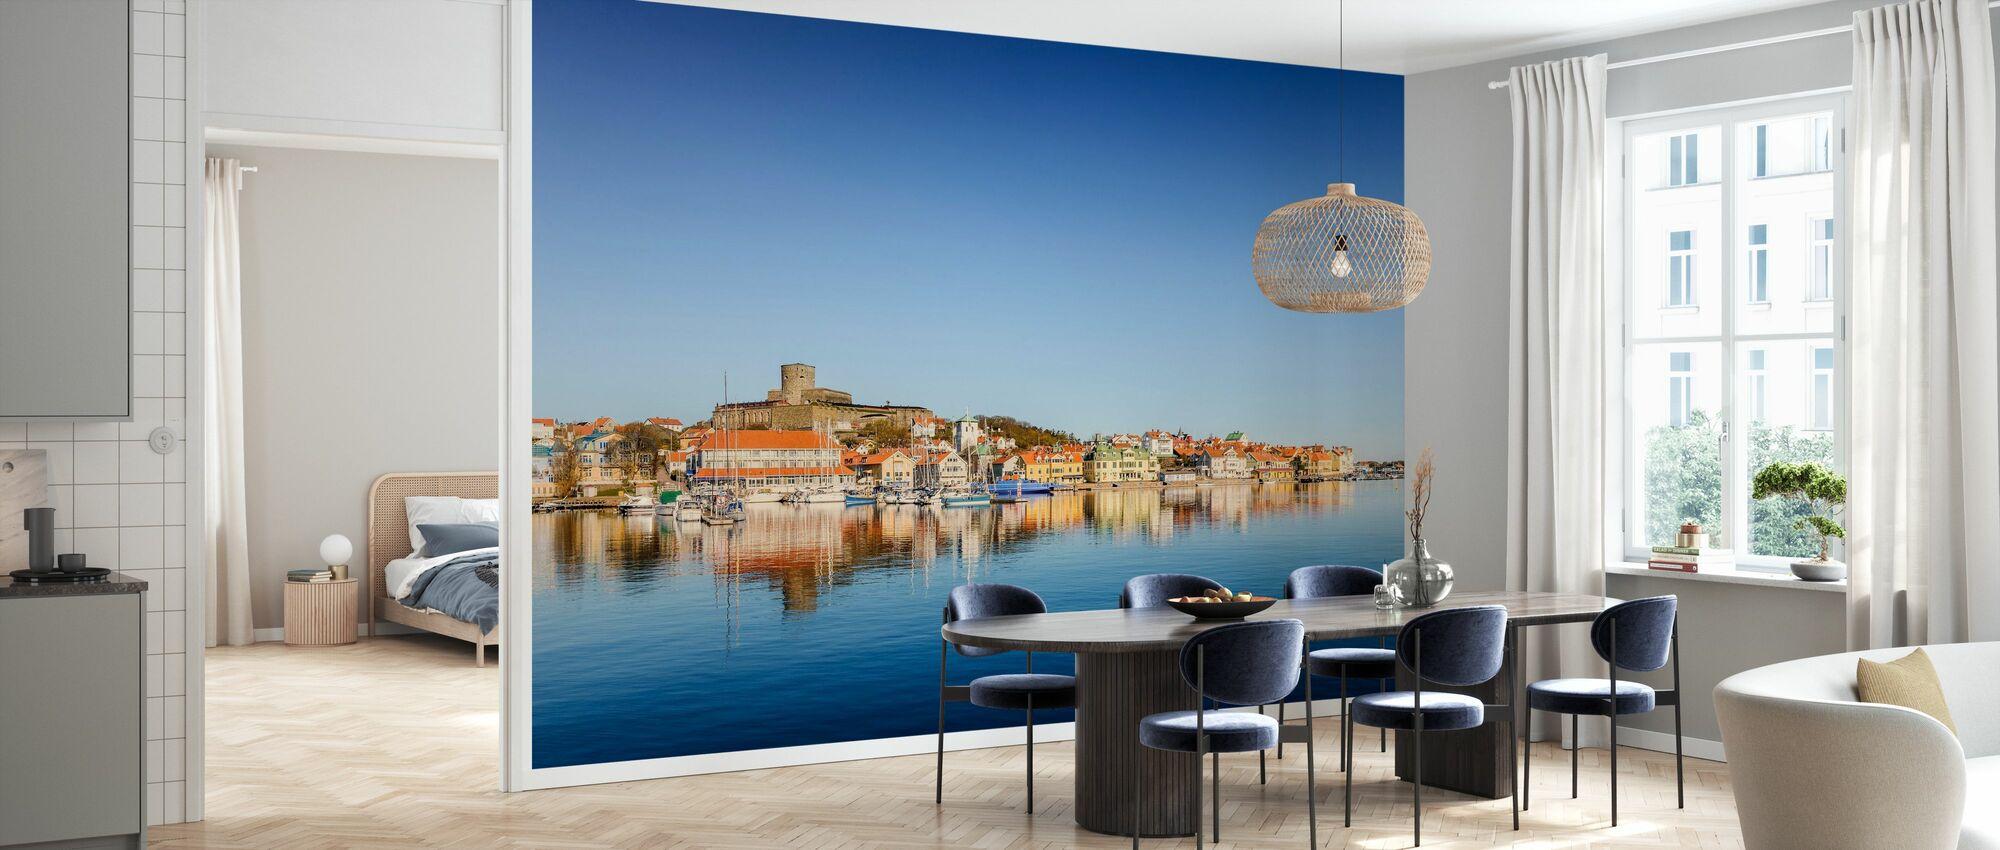 Tyst utsikt över den svenska västkusten - Tapet - Kök